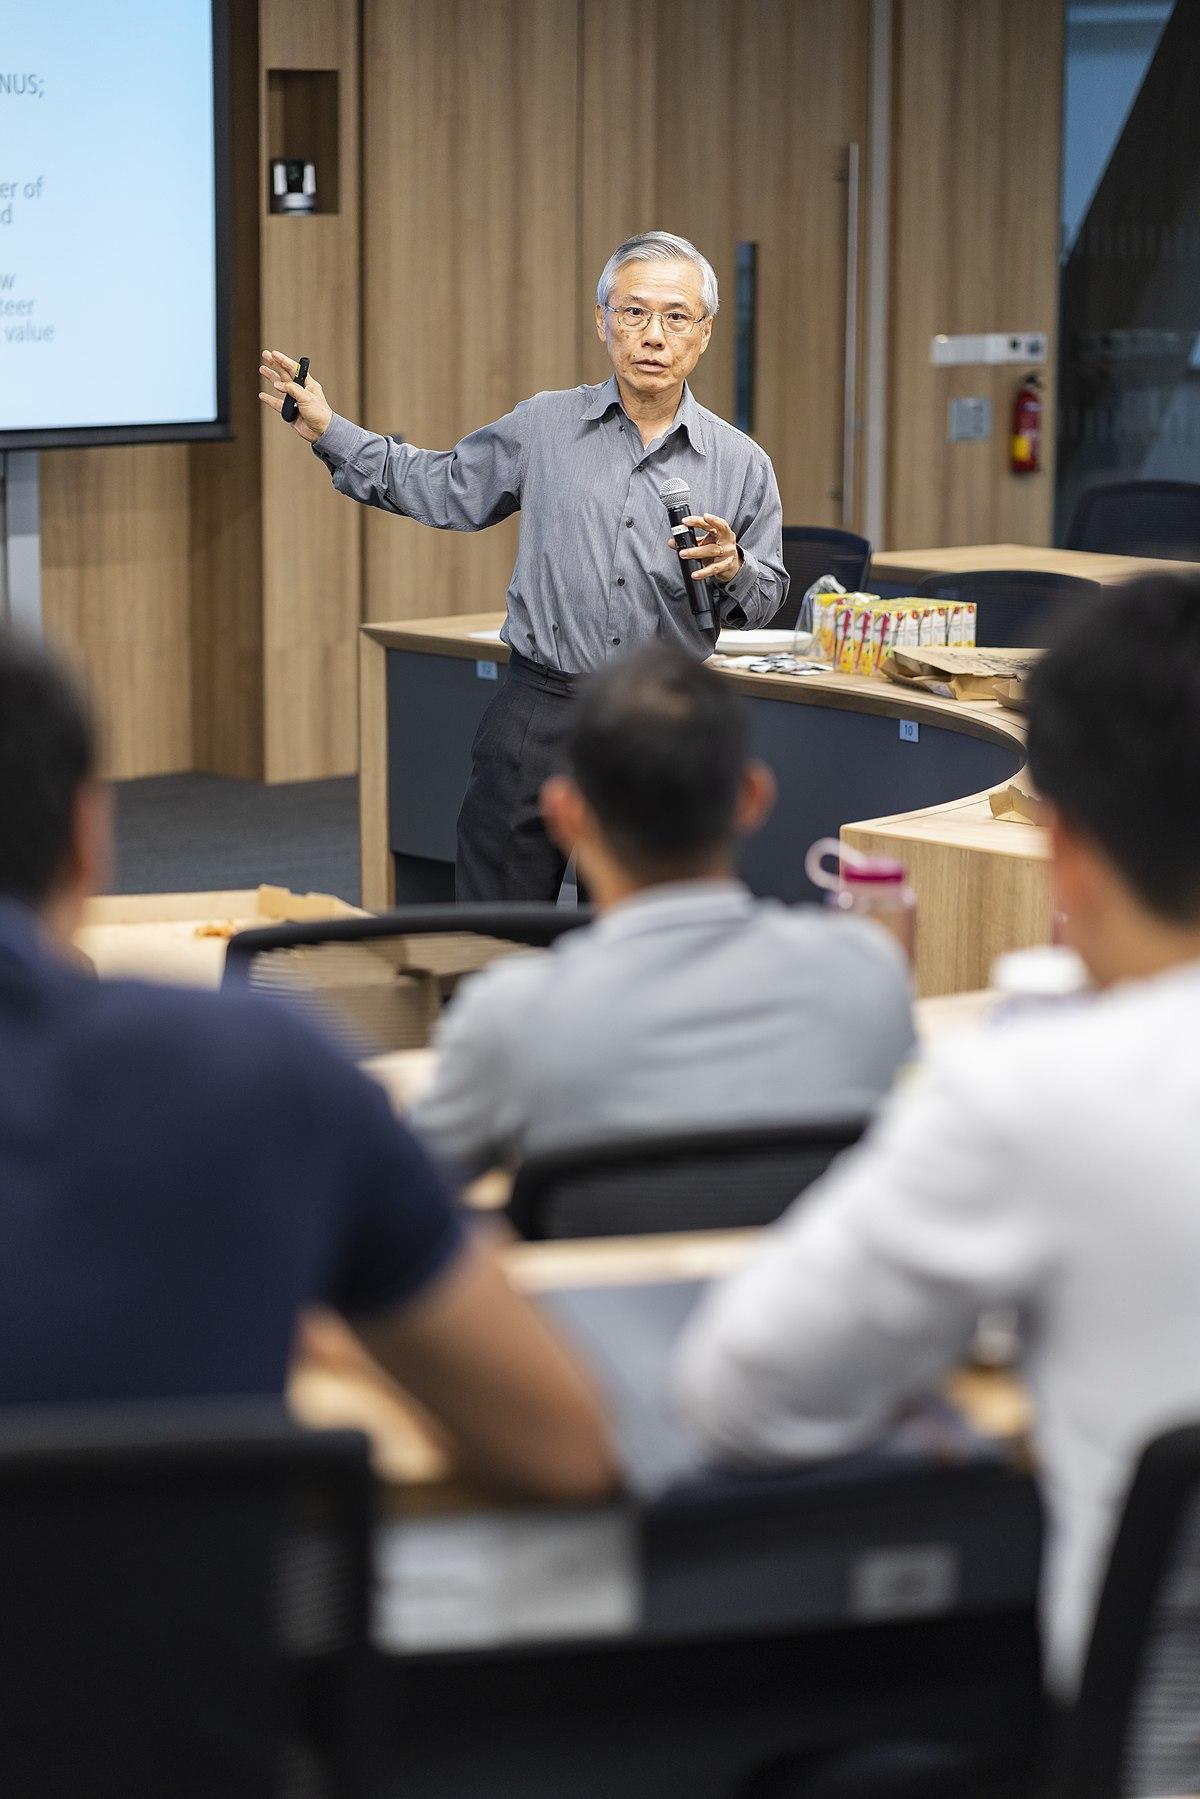 Ho Peng Kee Wikipedia